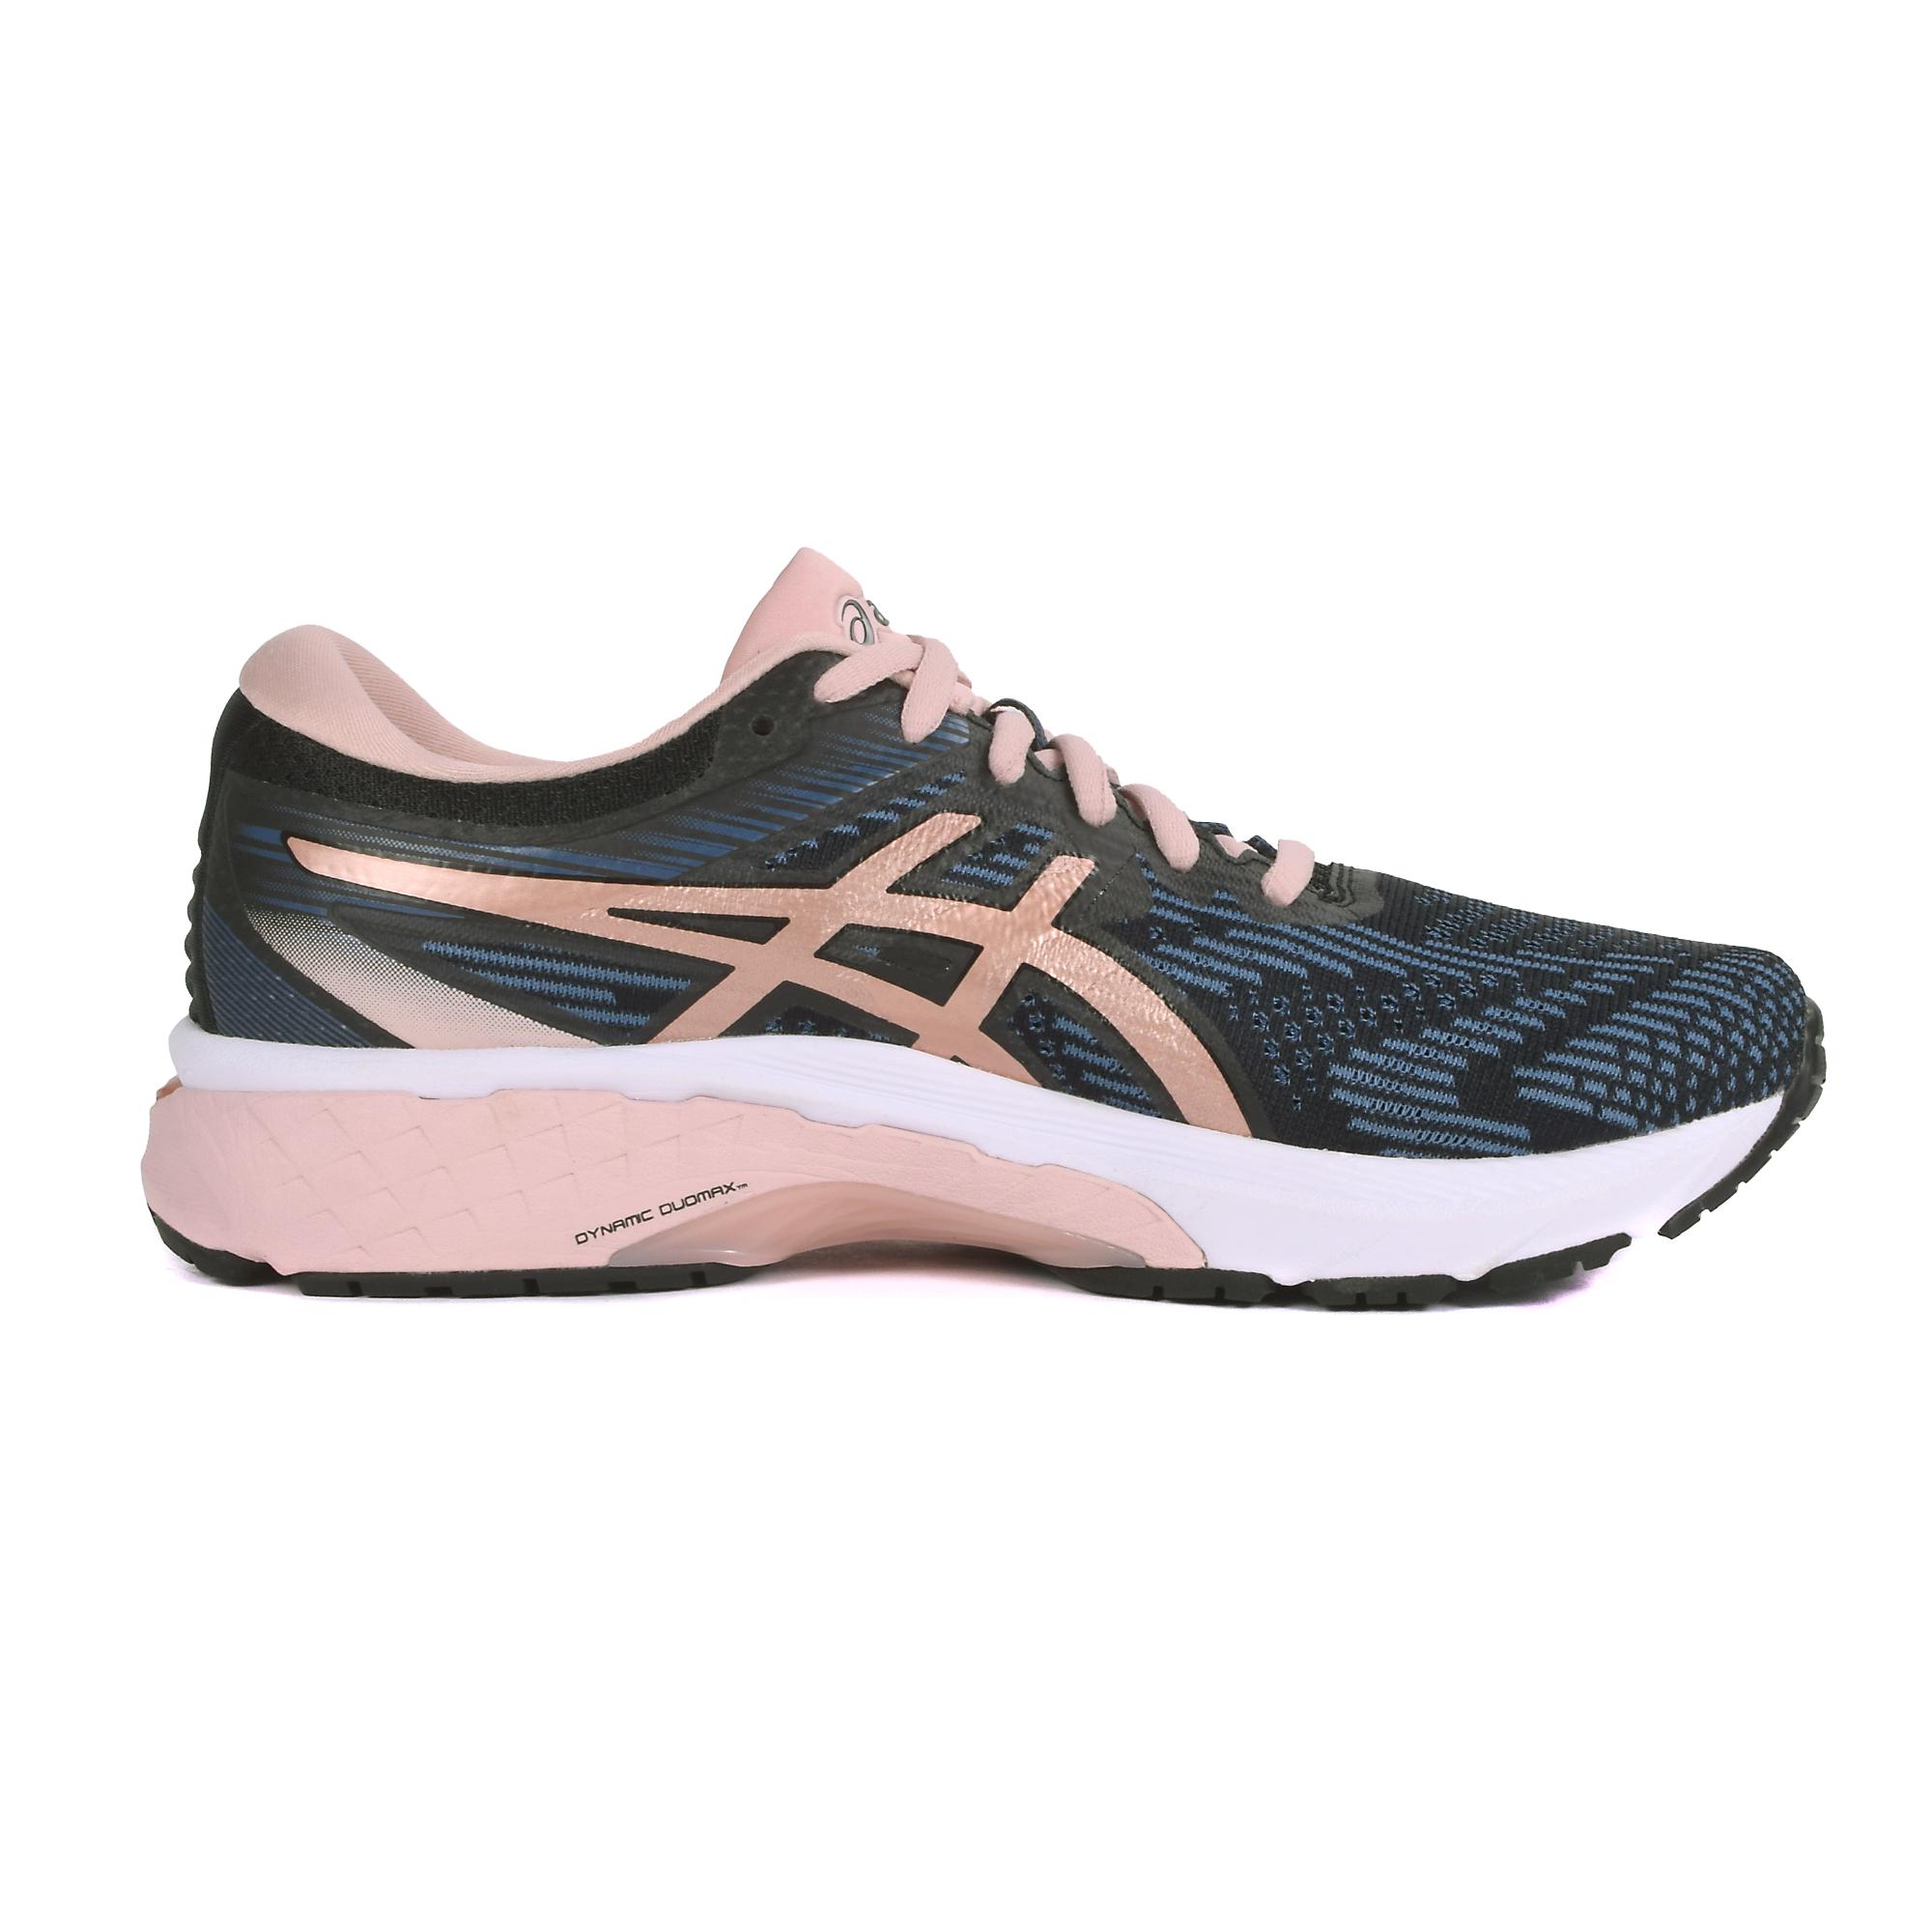 Women's Asics Gt-2000 8 Running Shoe - Color: Black/Blue/Rose Gold (Regular Width) - Size: 5, Black/Blue/Rose Gold, large, image 3